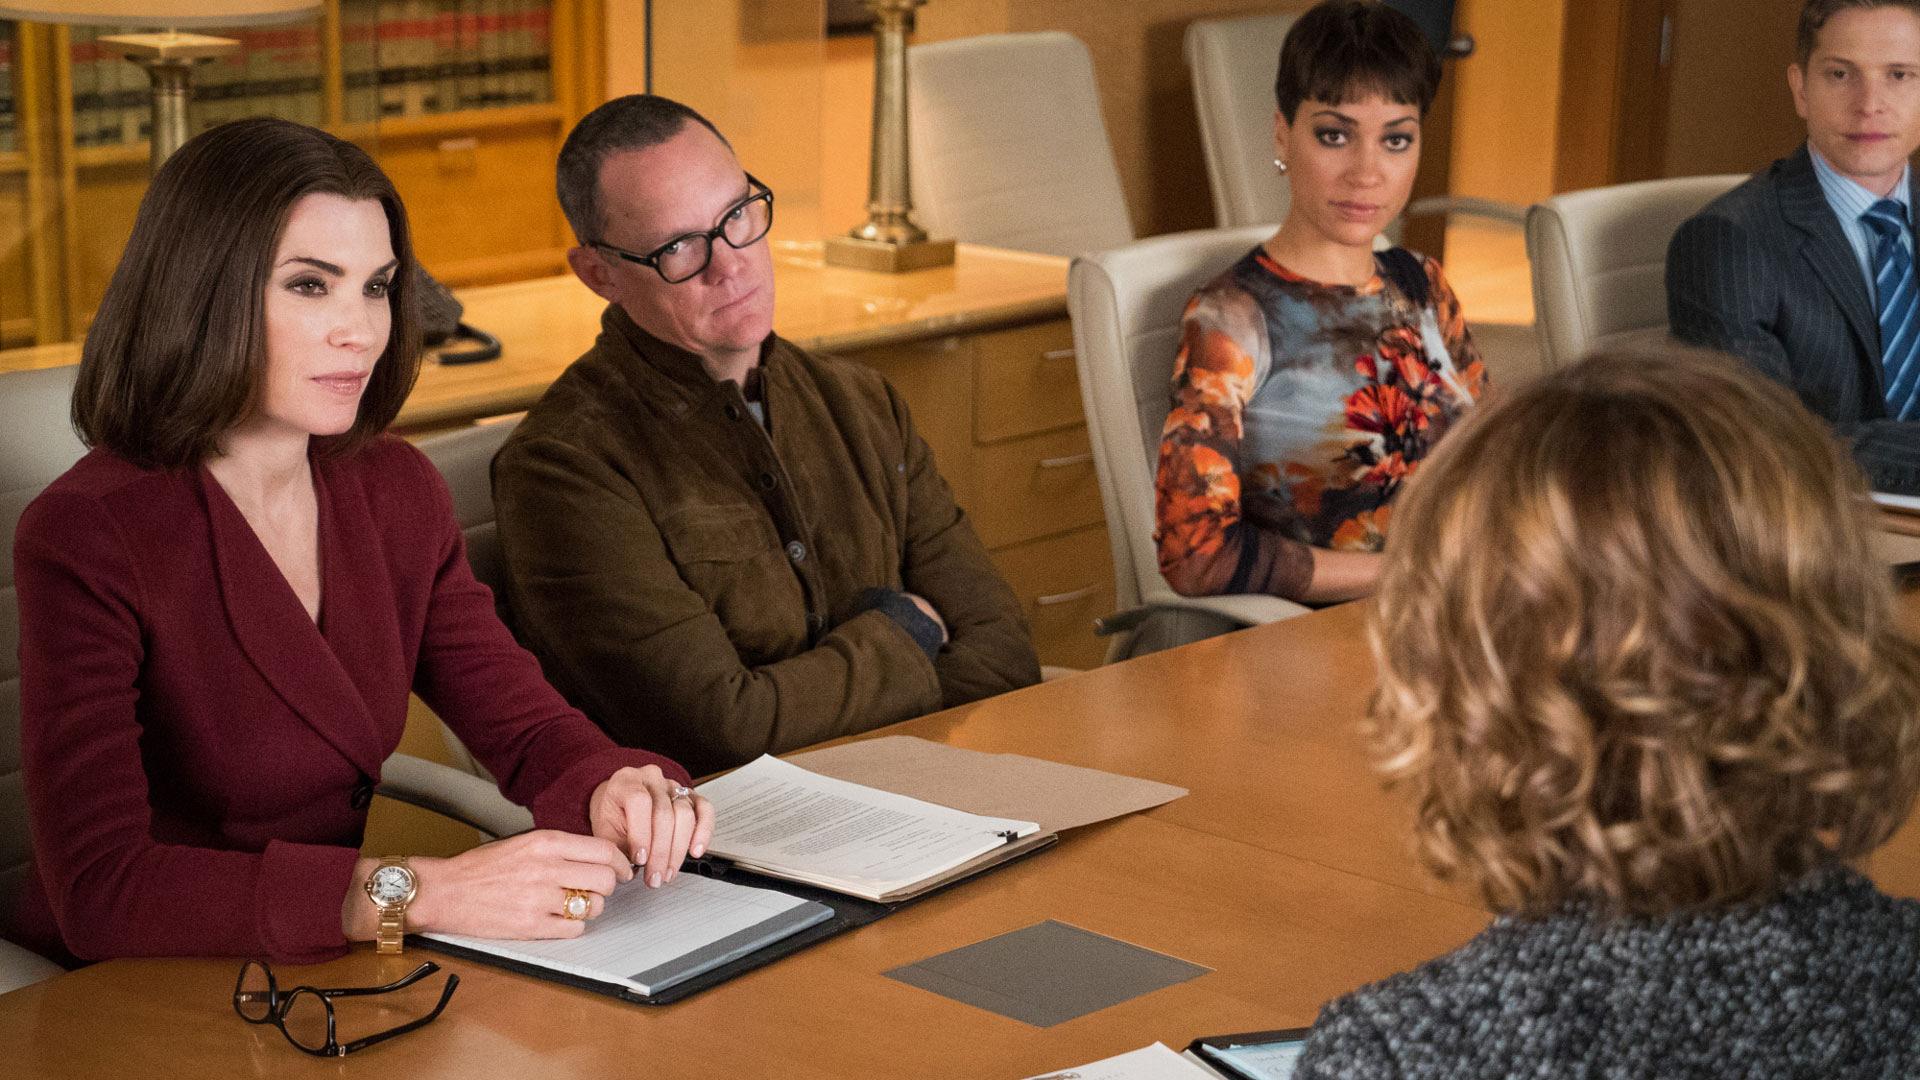 Julianna Margulies as Alicia Florrick, Matthew Lillard as Musician Rowby Canton, and Cush Jumbo as Lucca Quinn